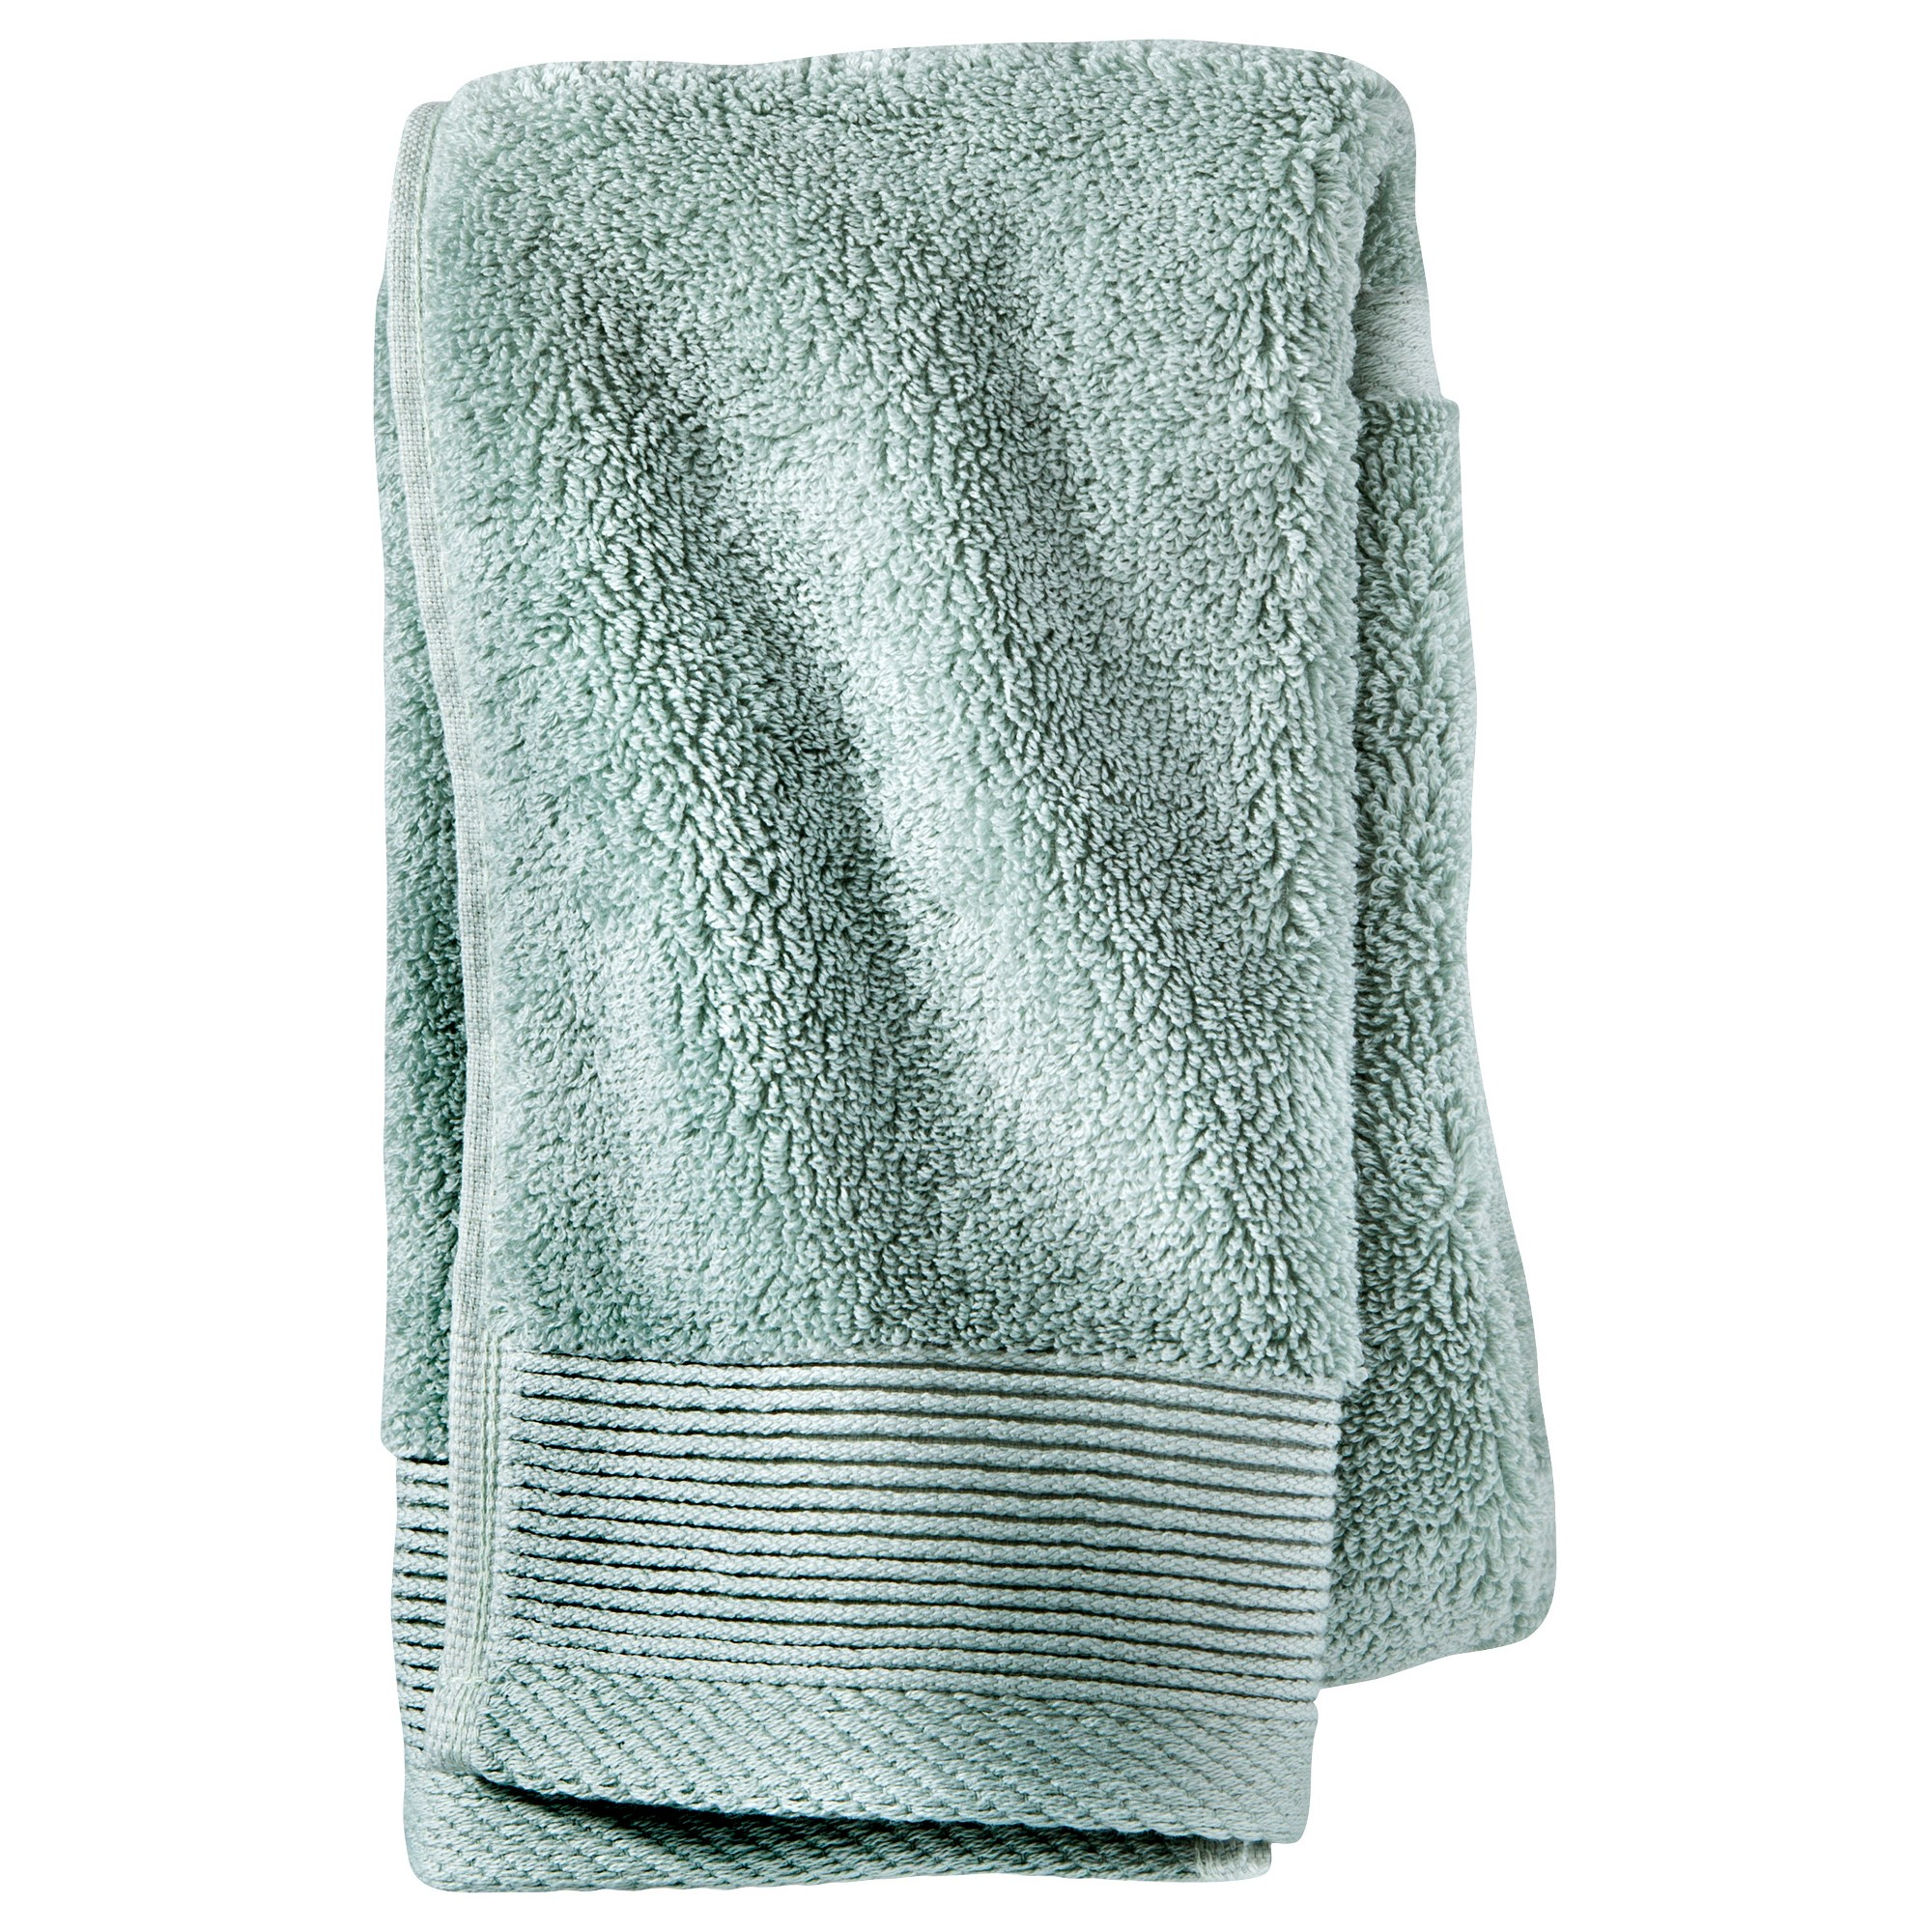 Solid Hand Towel Gray Aqua Project 62 Nate Berkus